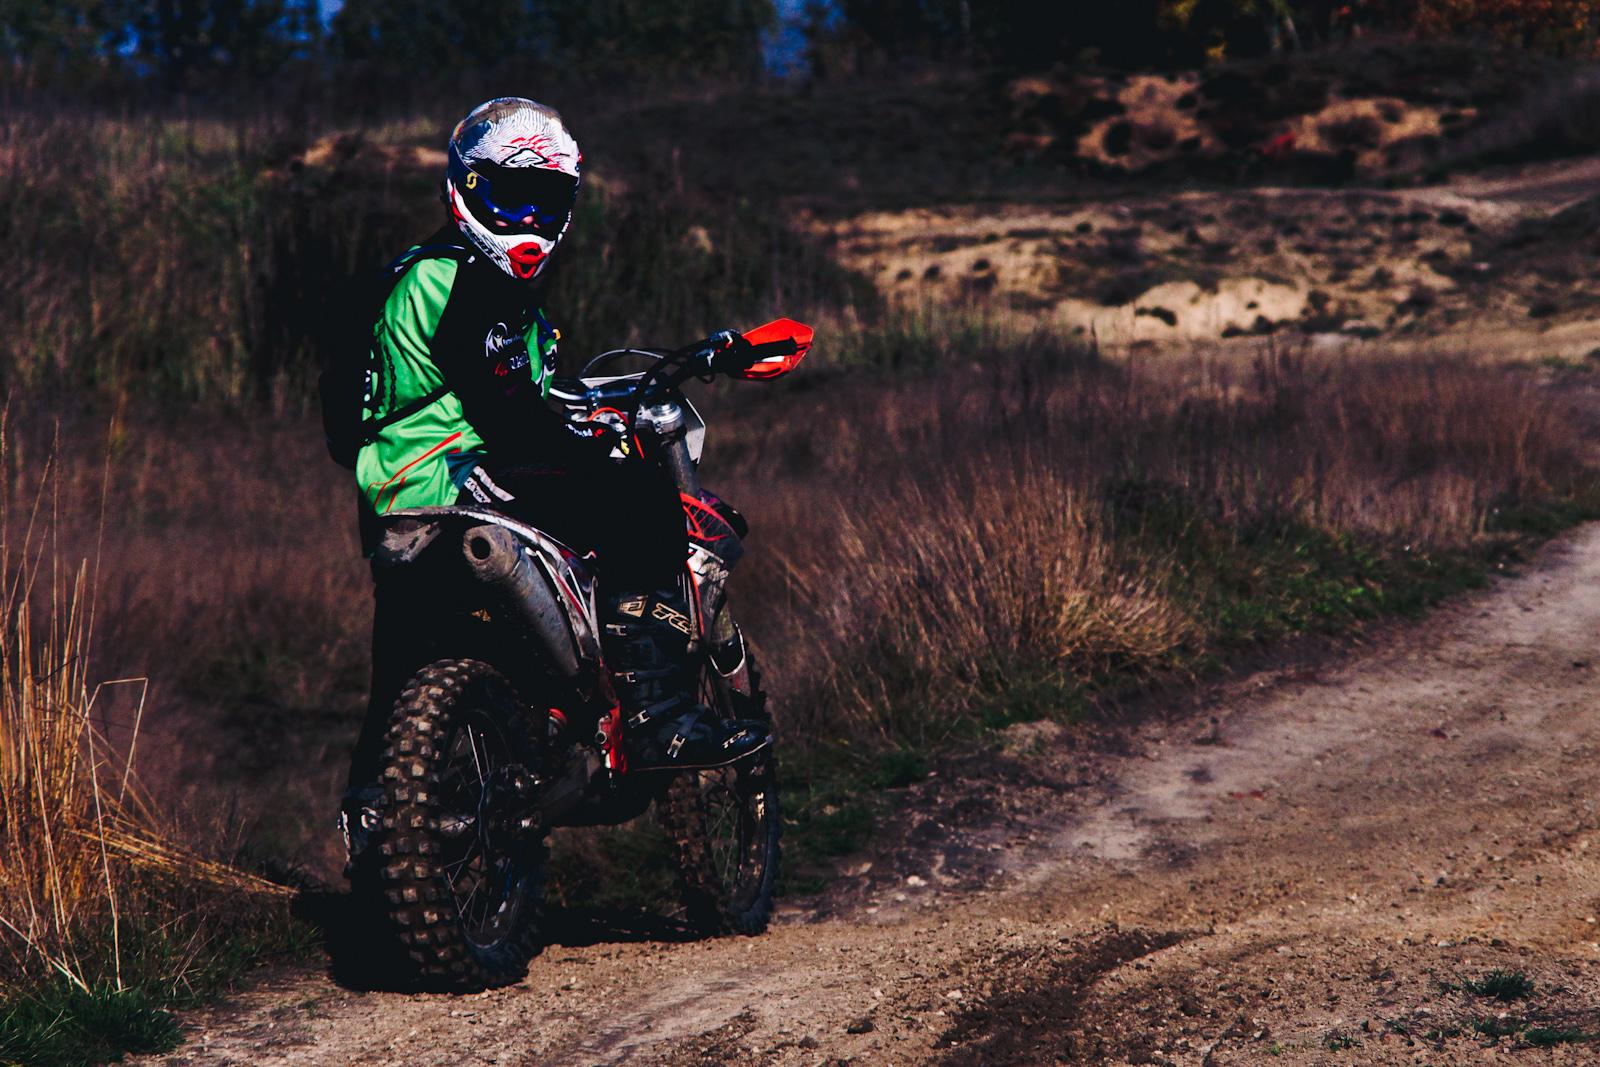 Fotografia sportowa. Motocykle enduro. KTM. fot. Łukasz Cyrus